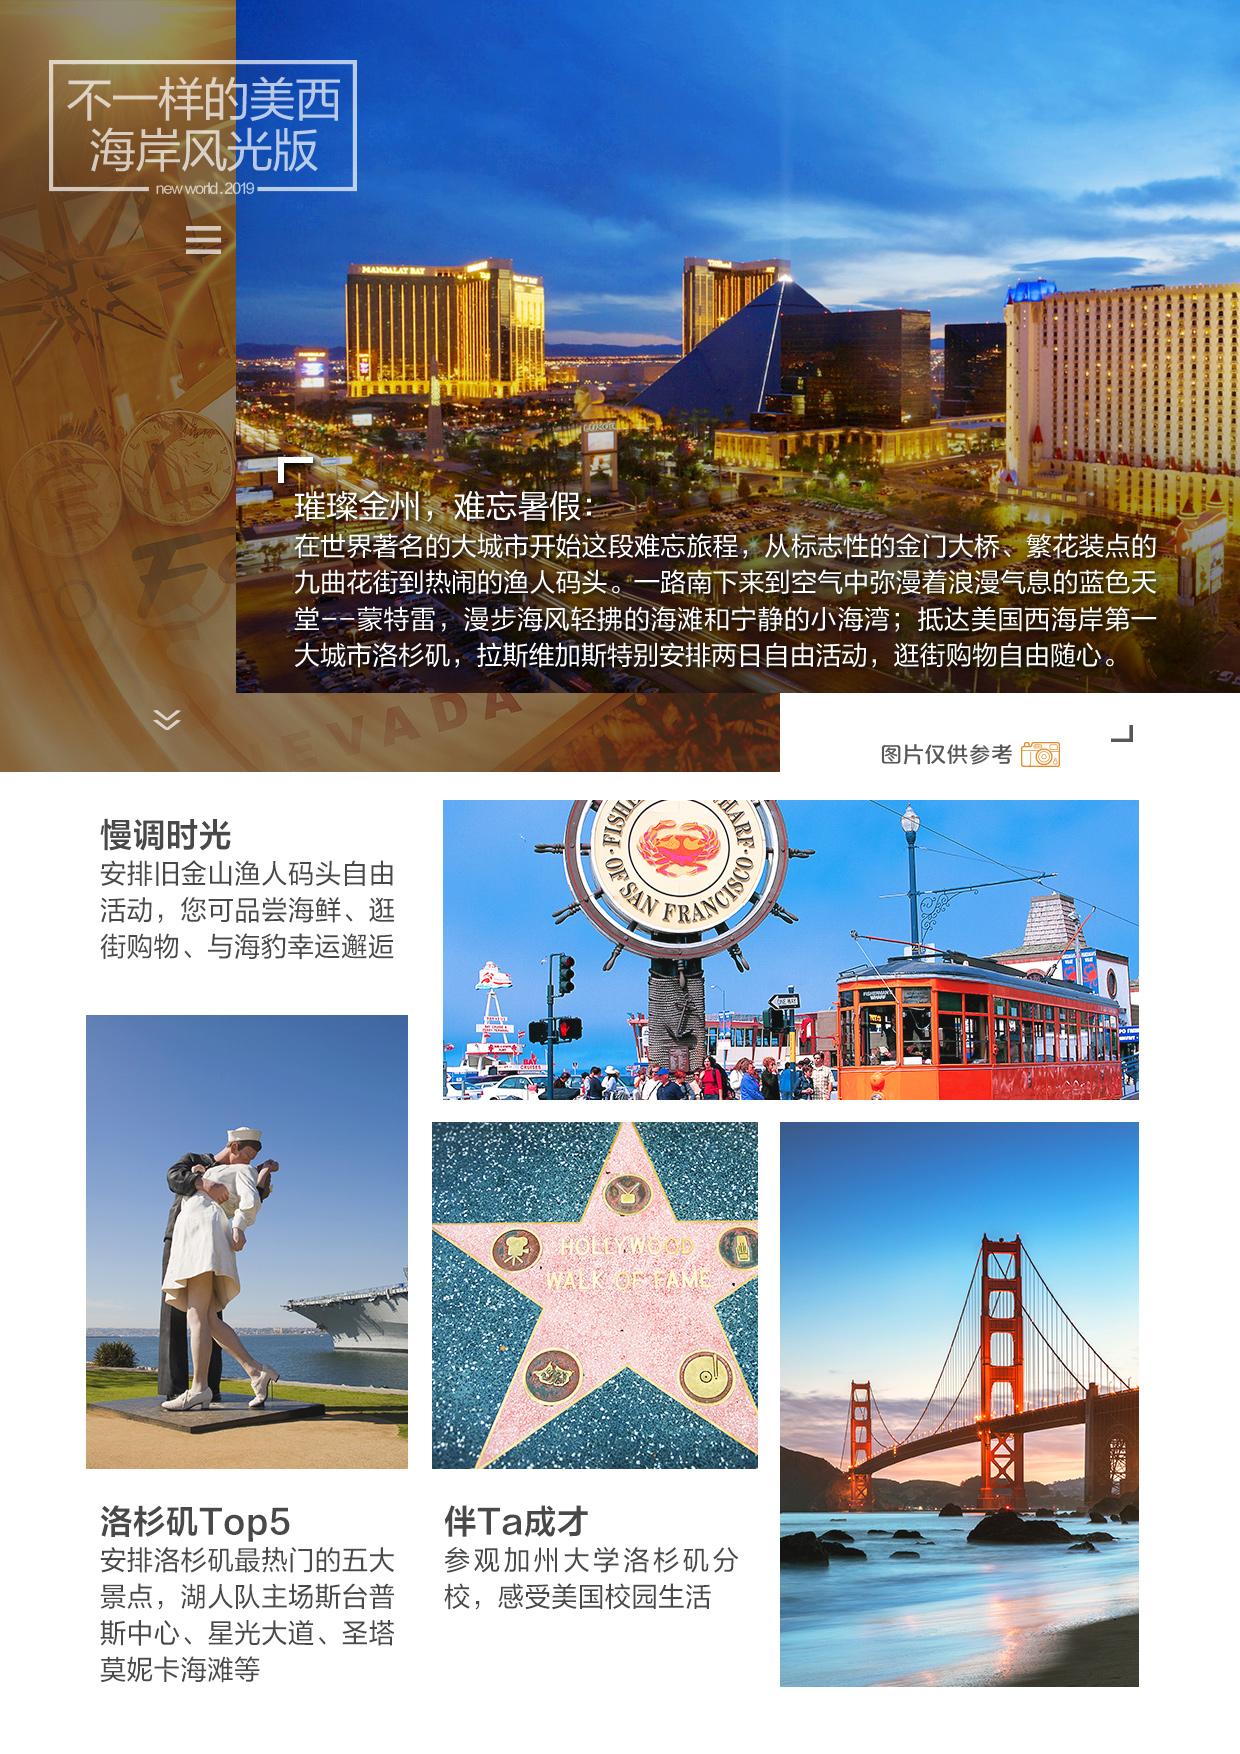 加州一号公路名校乐园西海岸三城10日-特色页1.jpg